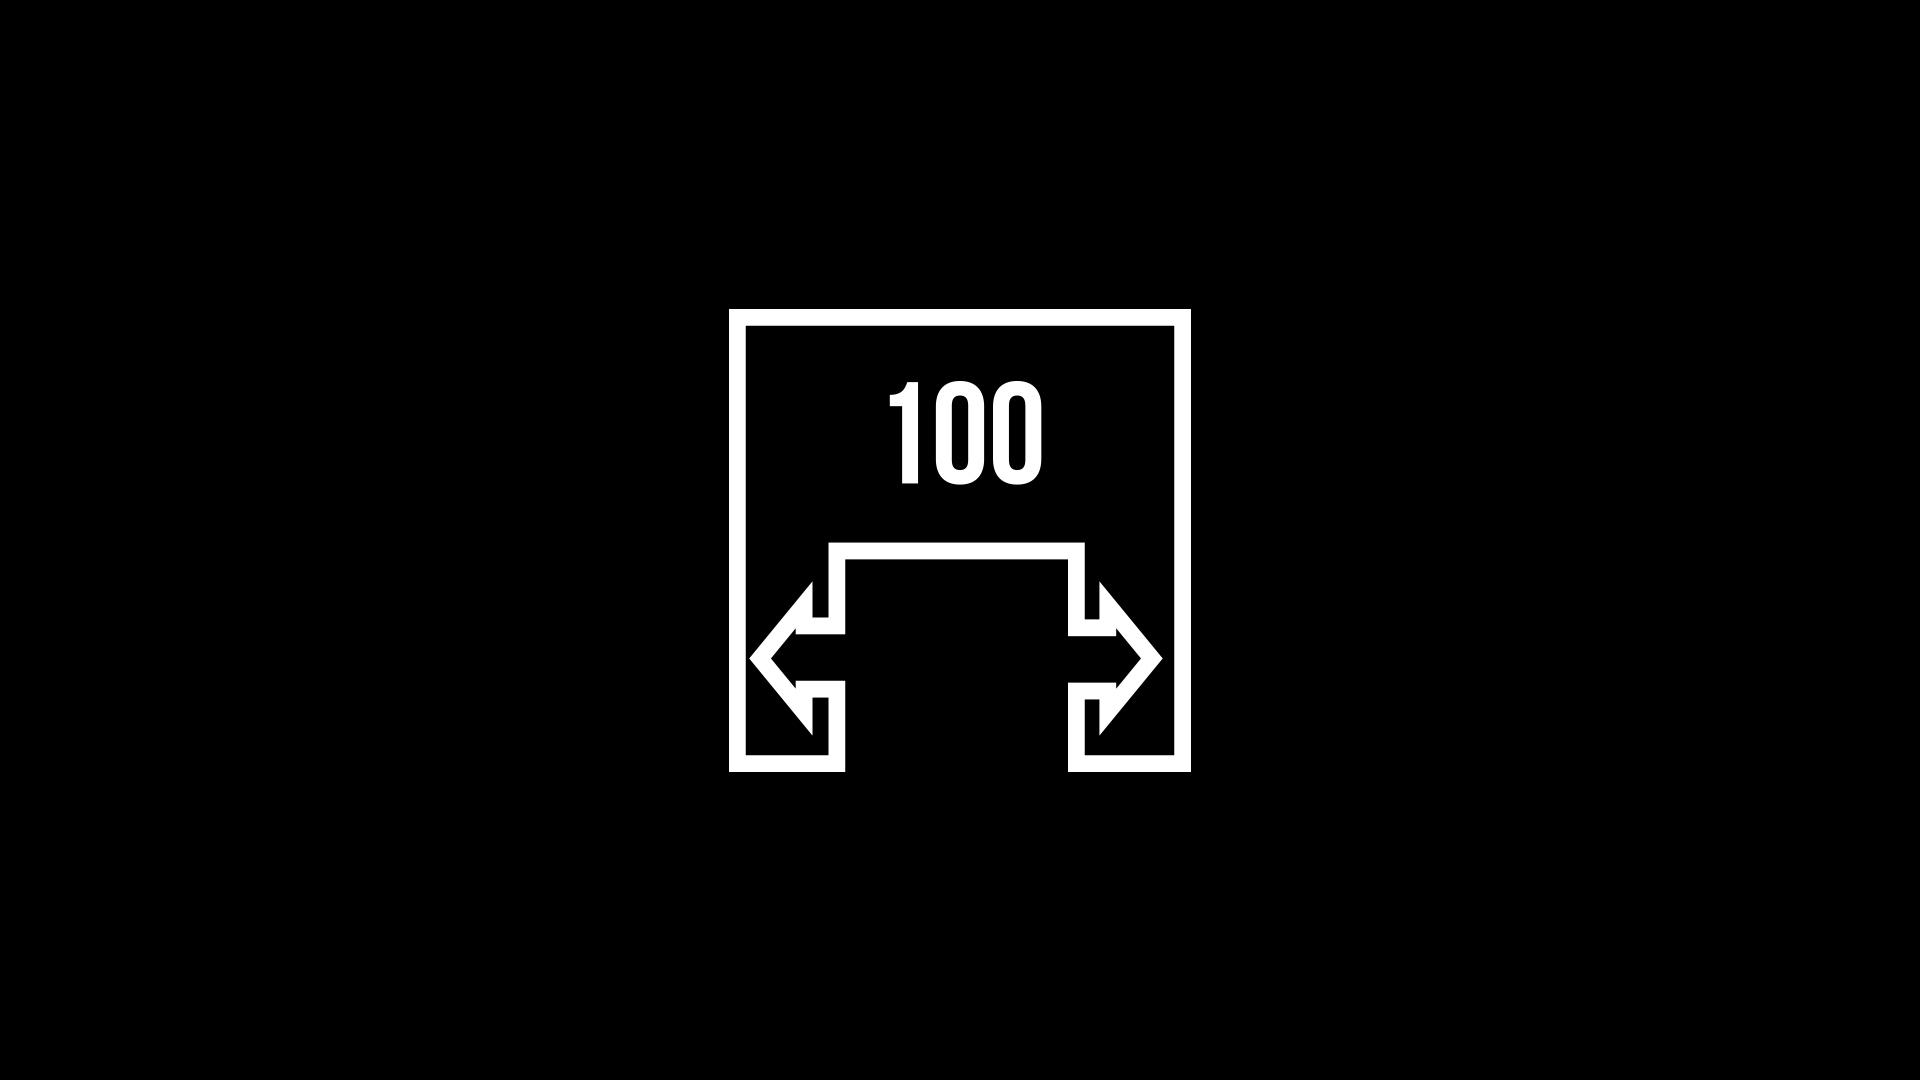 Icon for Companion Cube